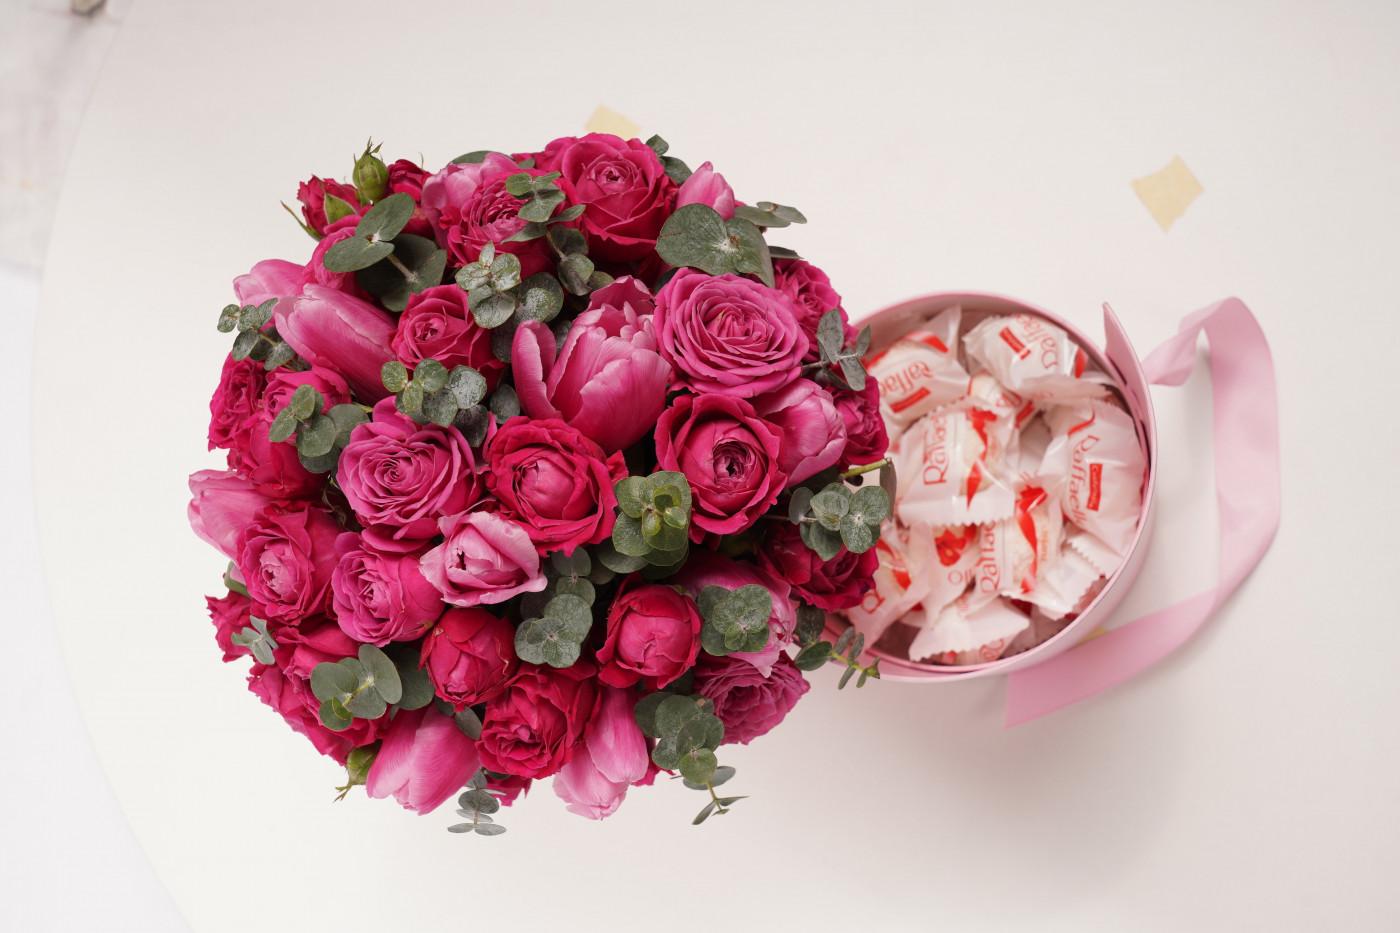 Де замовити квіти з доставкою по всій Київщині? -  - image2